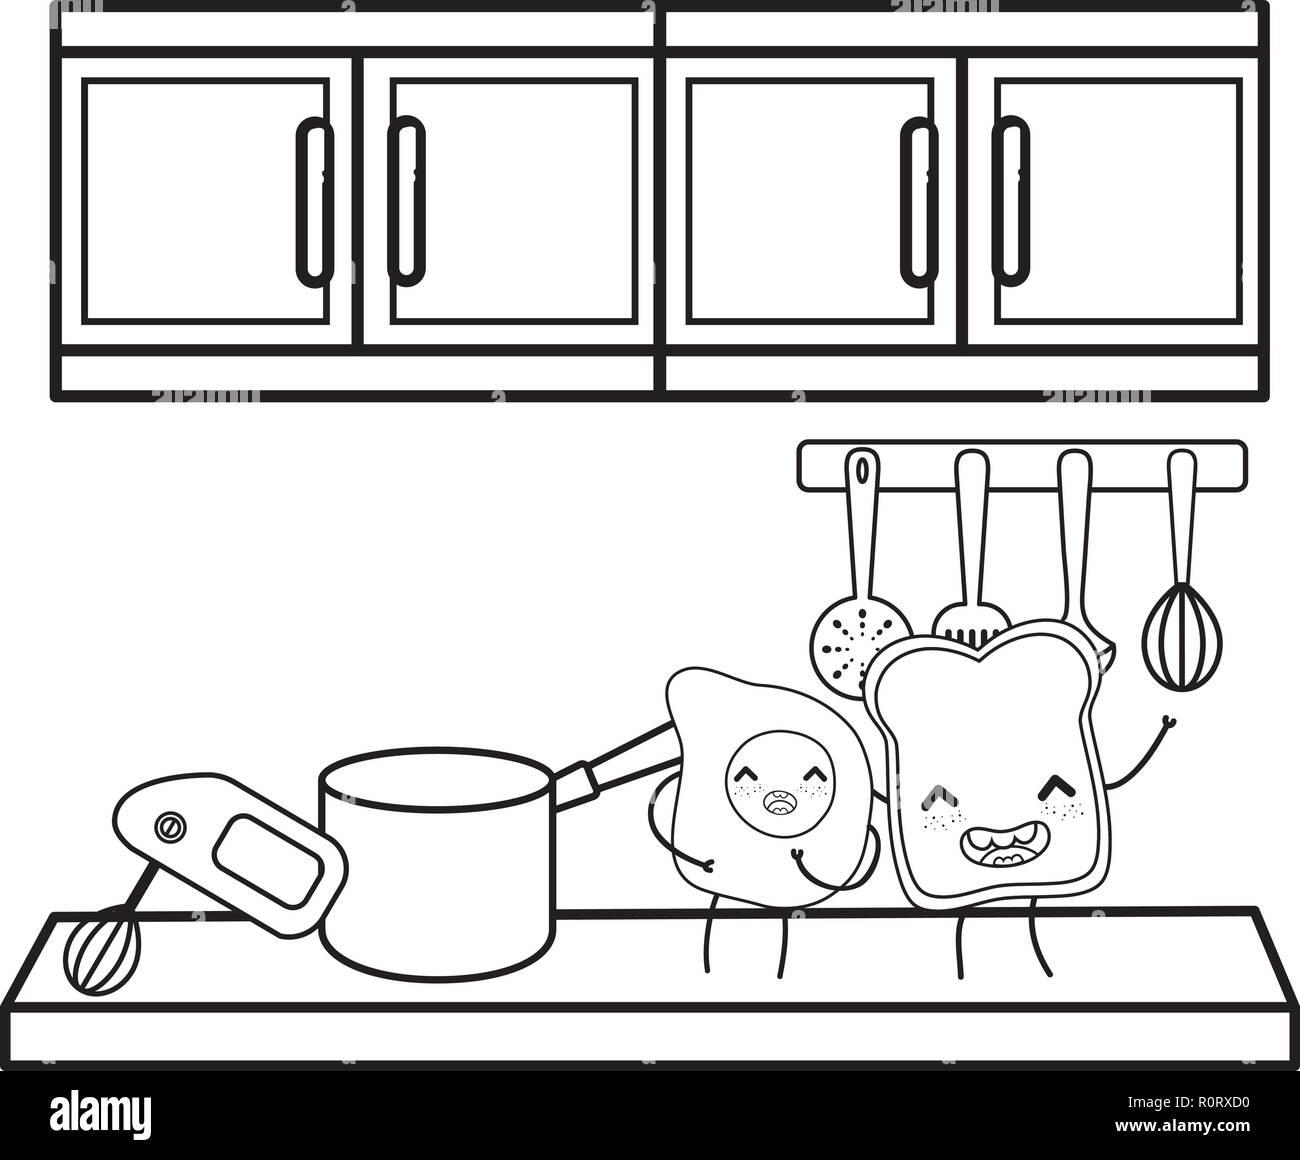 Cuisine Et Nourriture Kawaii Dessins Animes En Noir Et Blanc